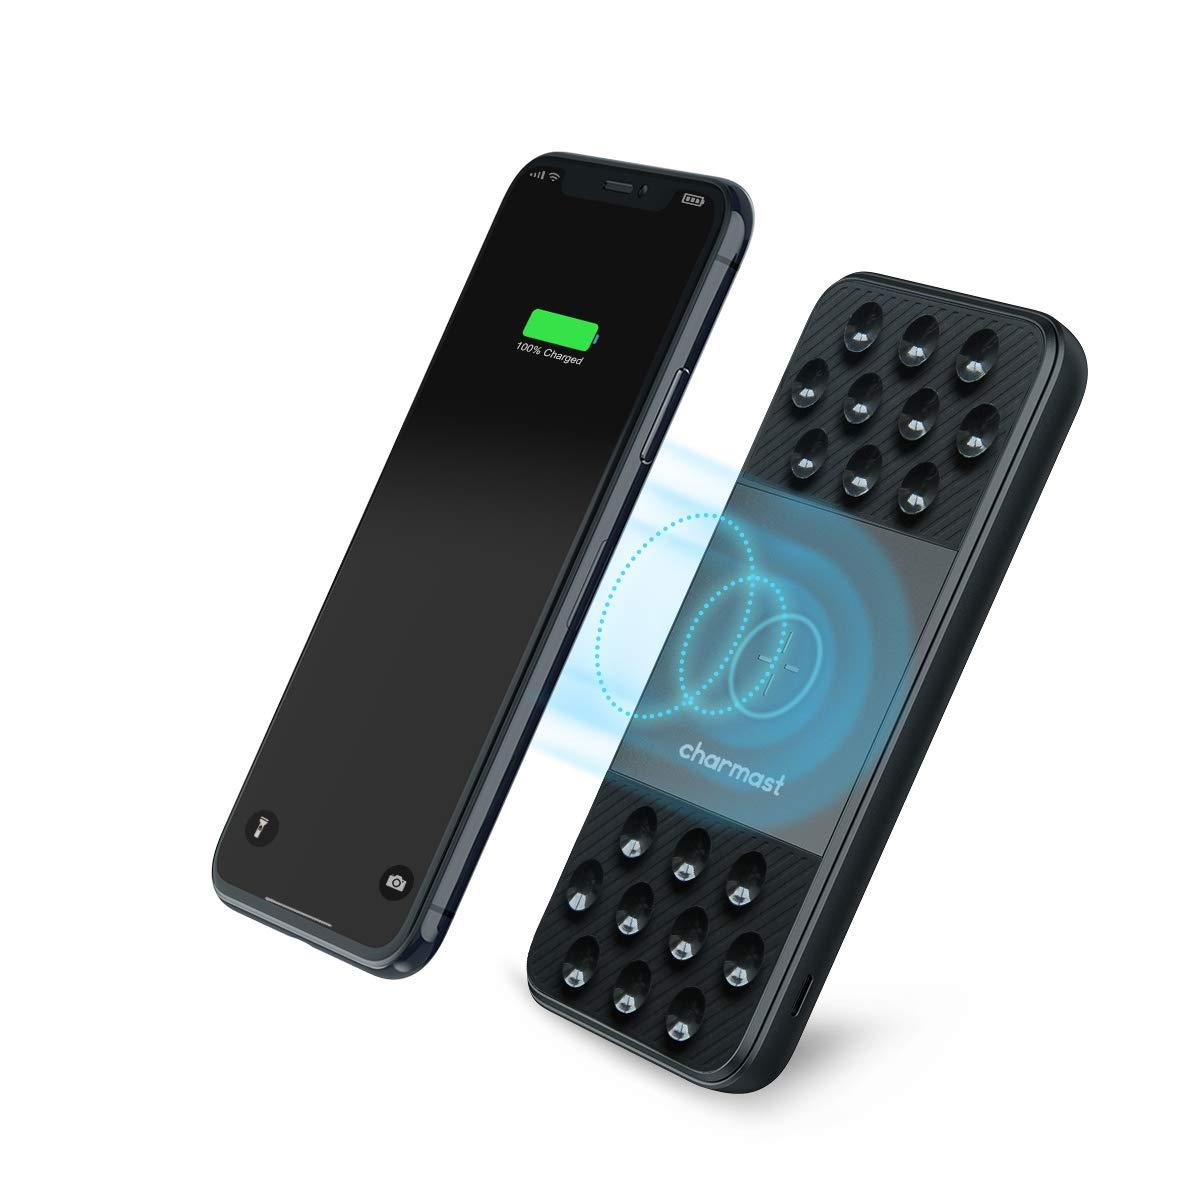 Batterie Externe Charmast avec charge à induction pour smartphone - 10000 mAh (vendeur tiers)